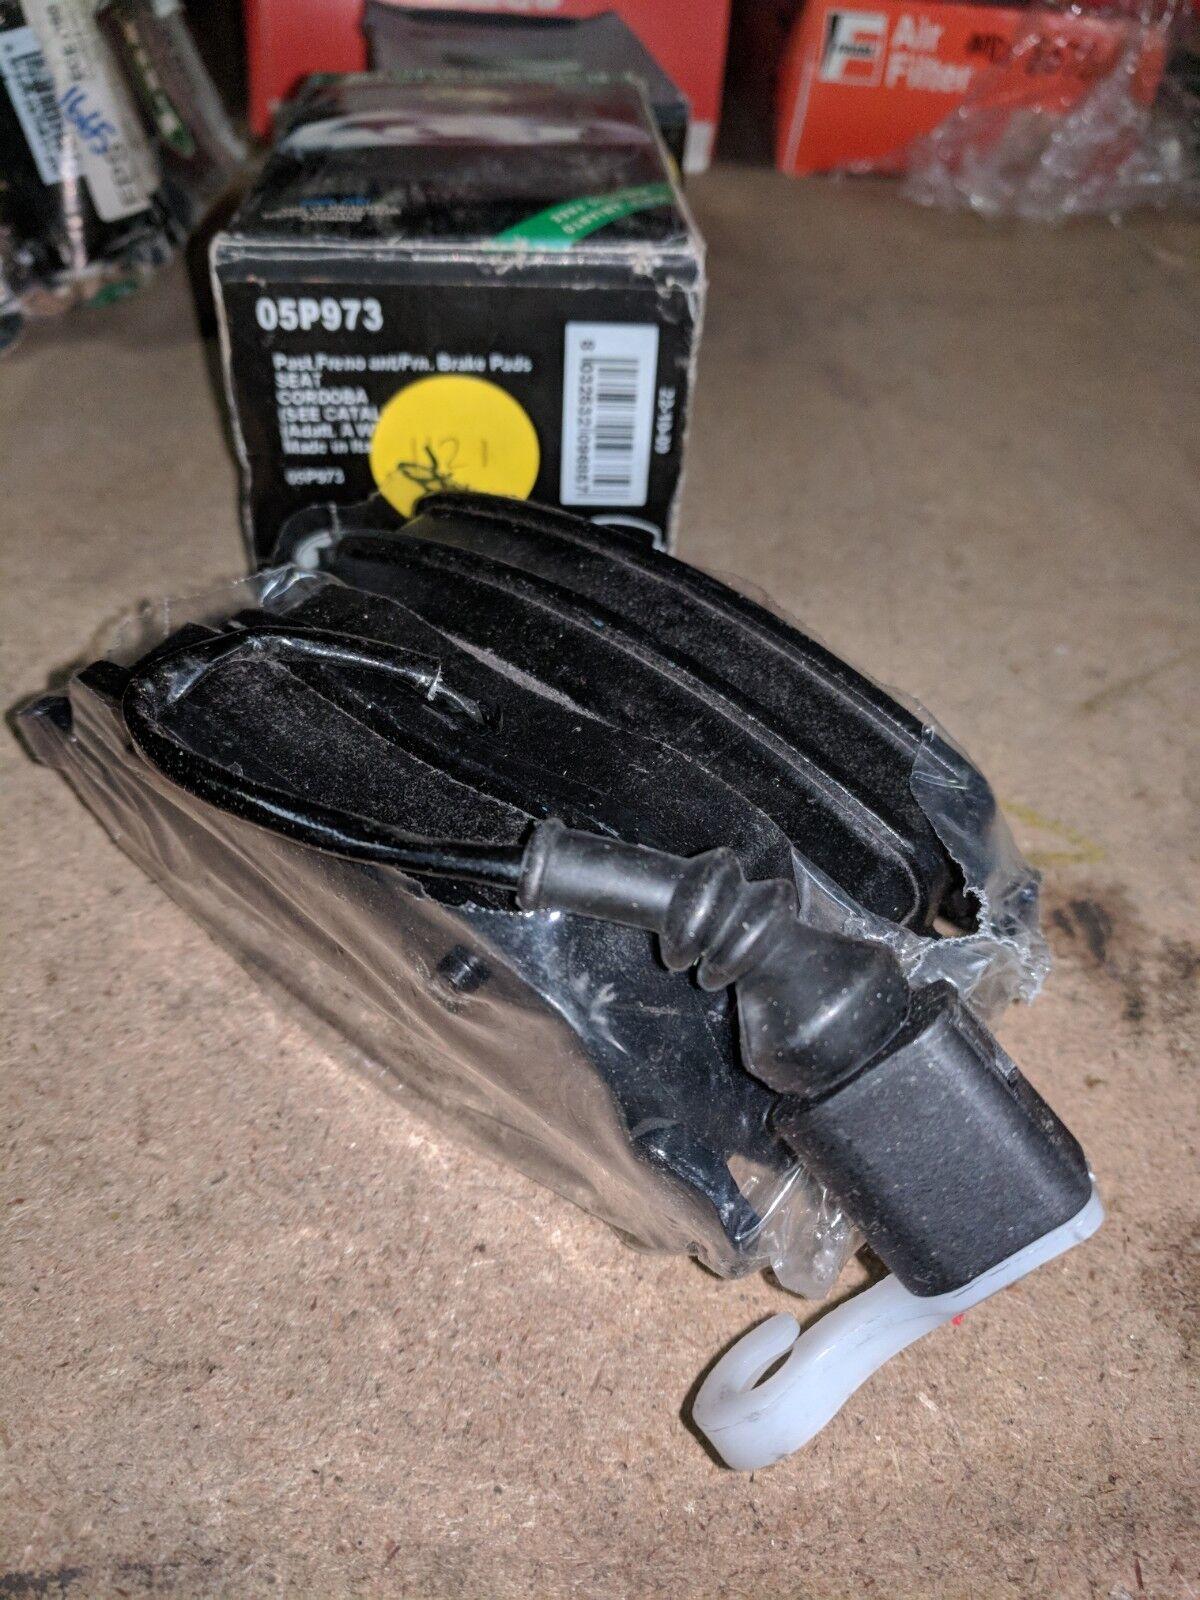 LPR 05P973/Brake Pad Set disc brake